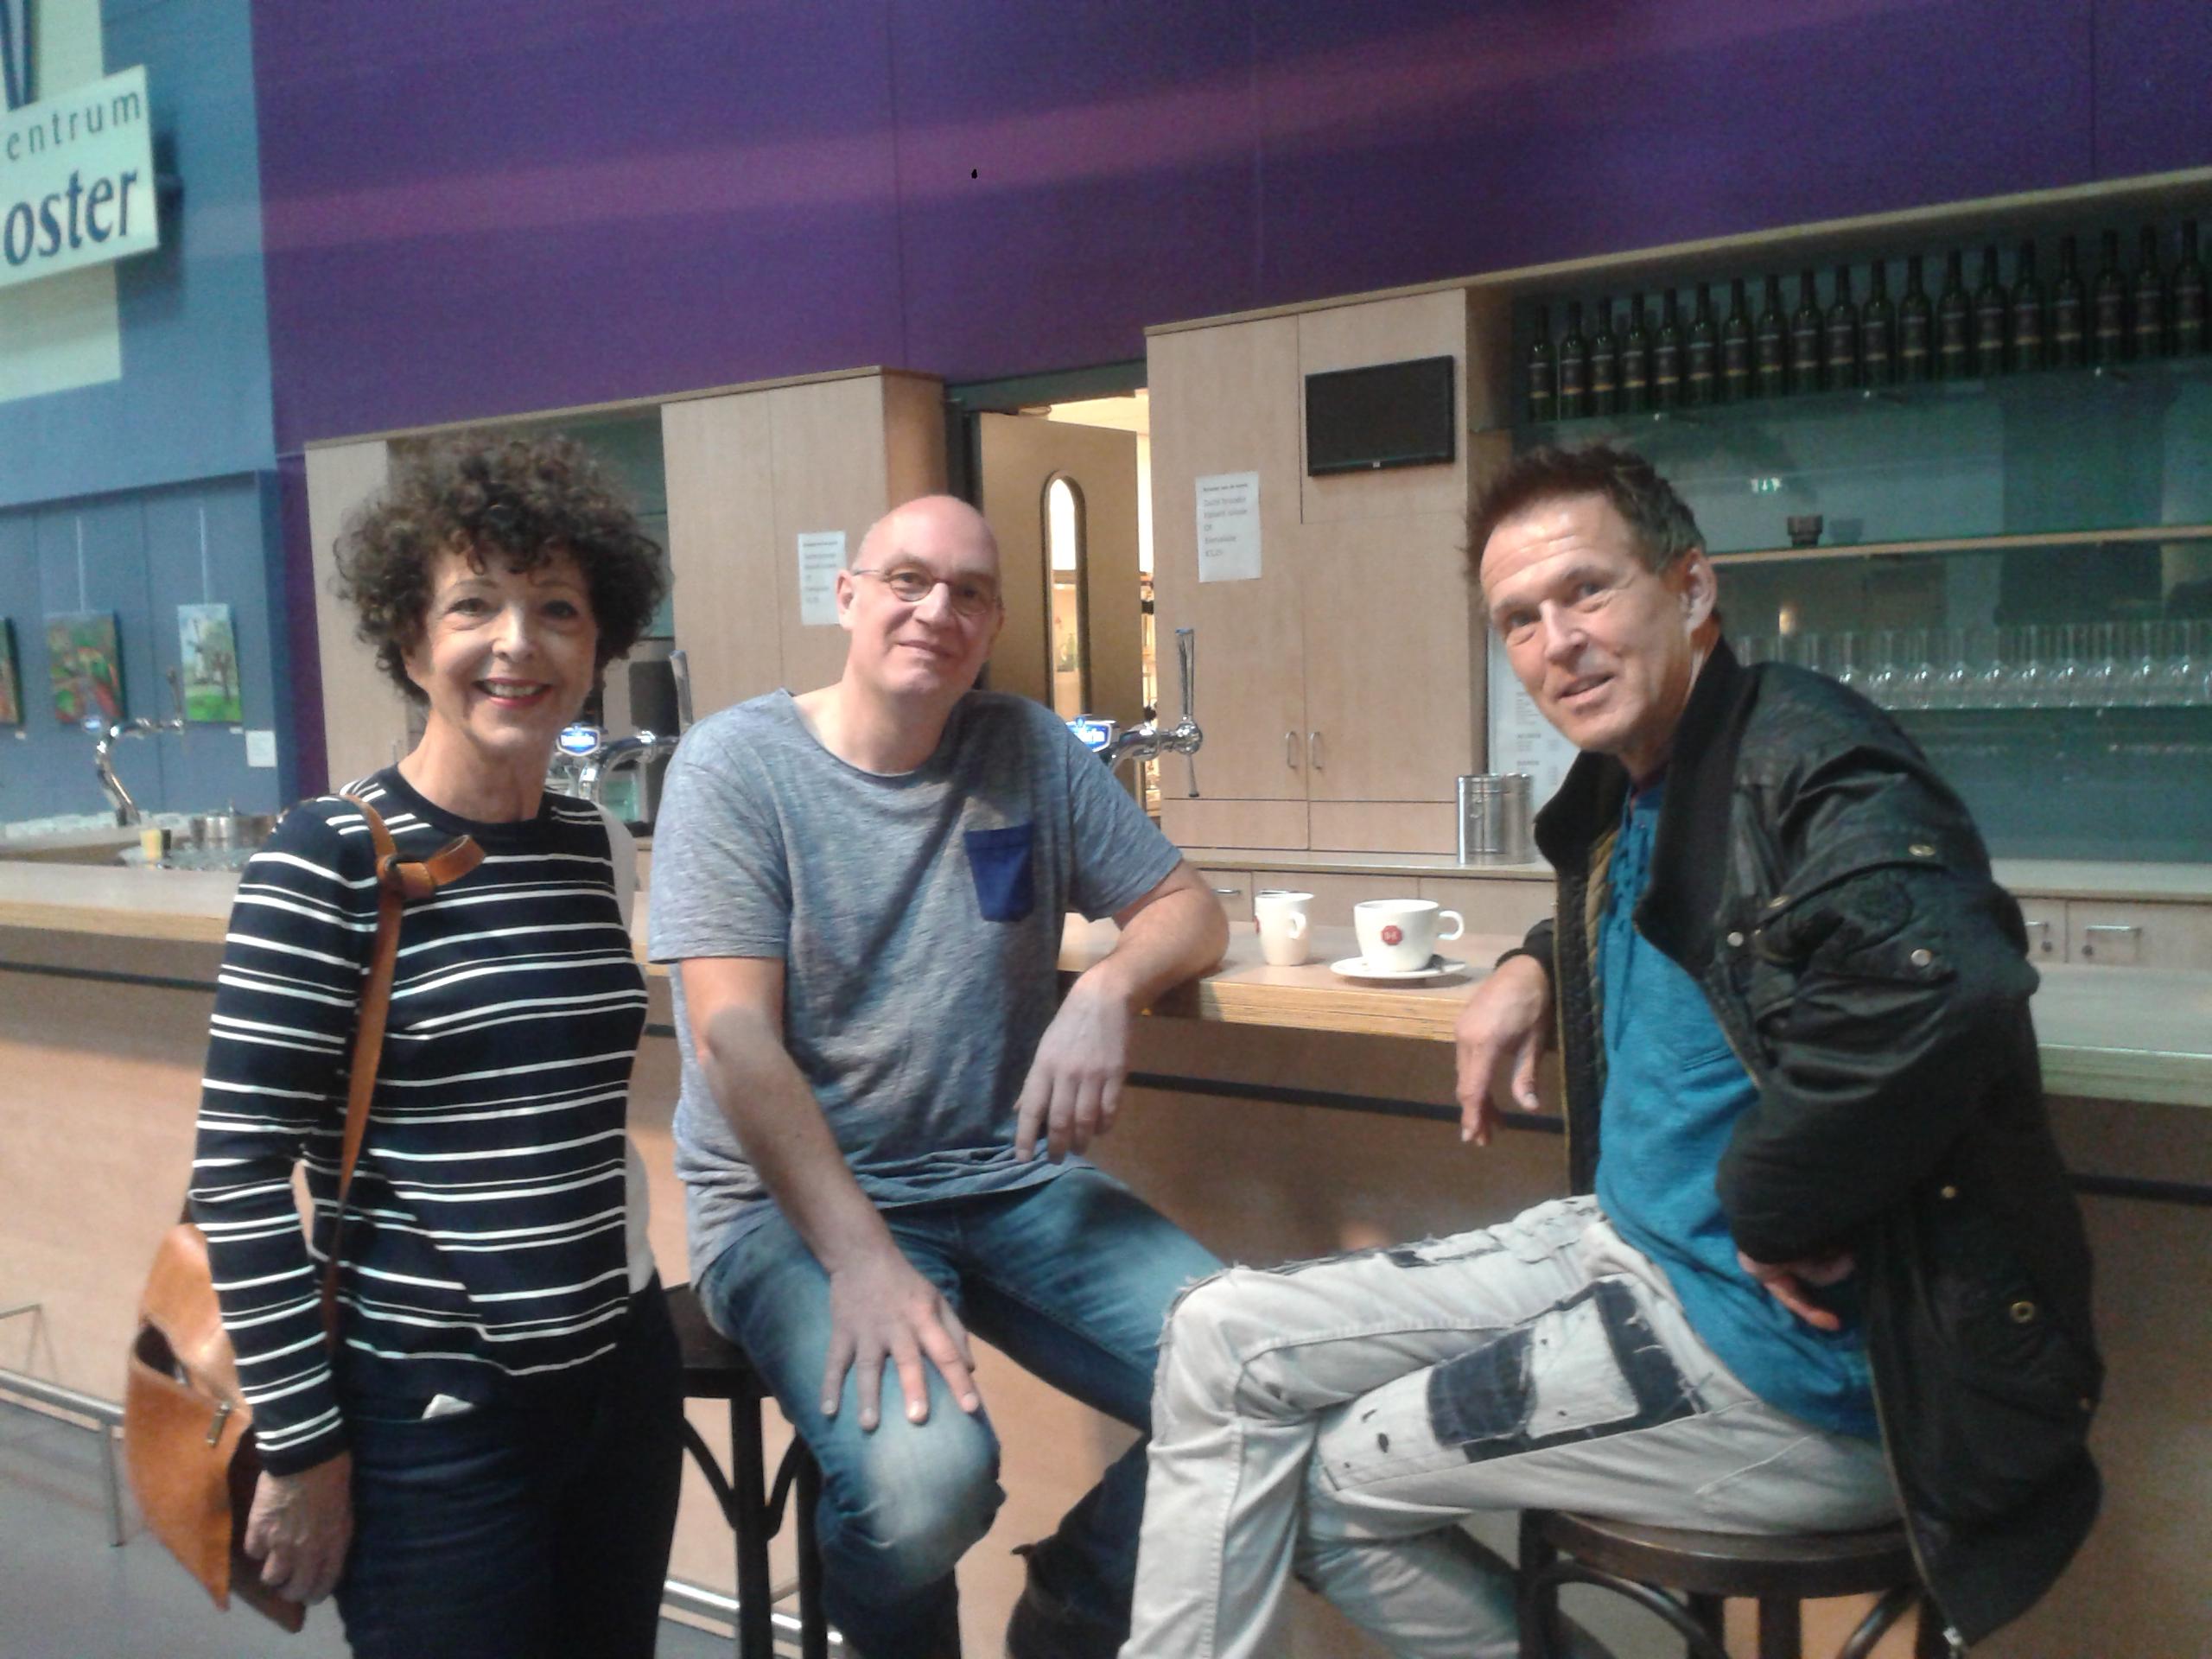 Annette met Paul en Arno voorafgaand aan de voorstelling.